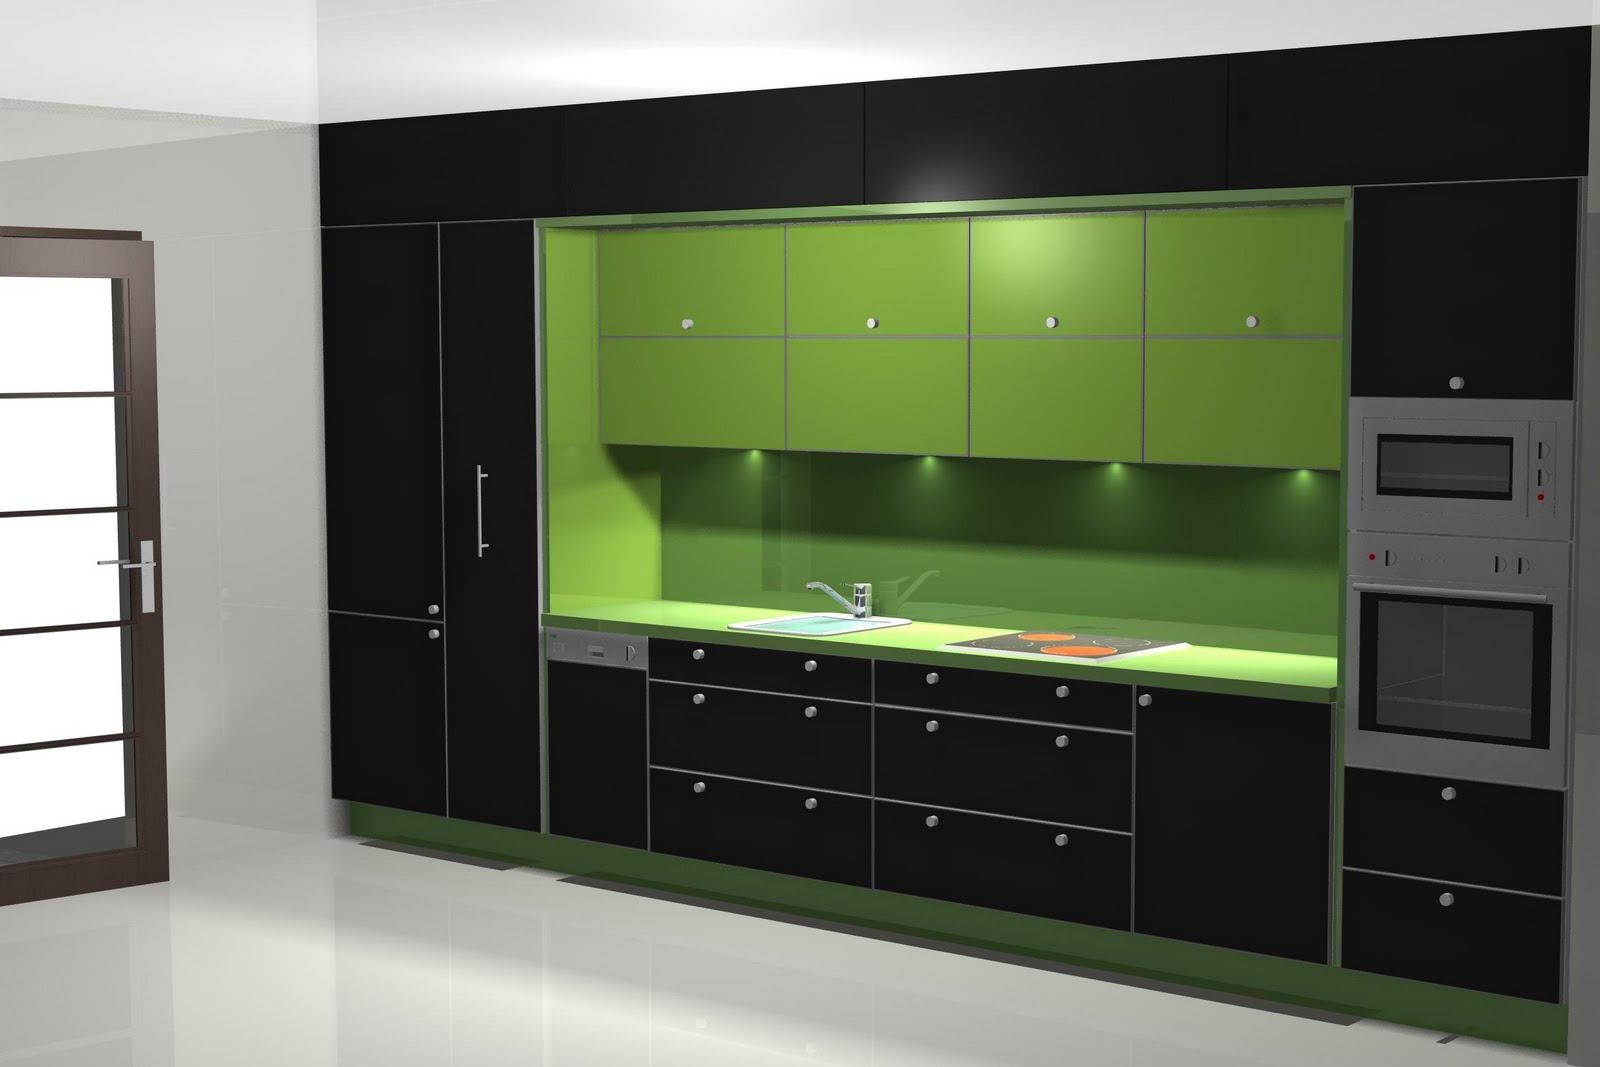 Dise o muebles de cocina dise o de cocina en linea - Diseno de cocinas ...